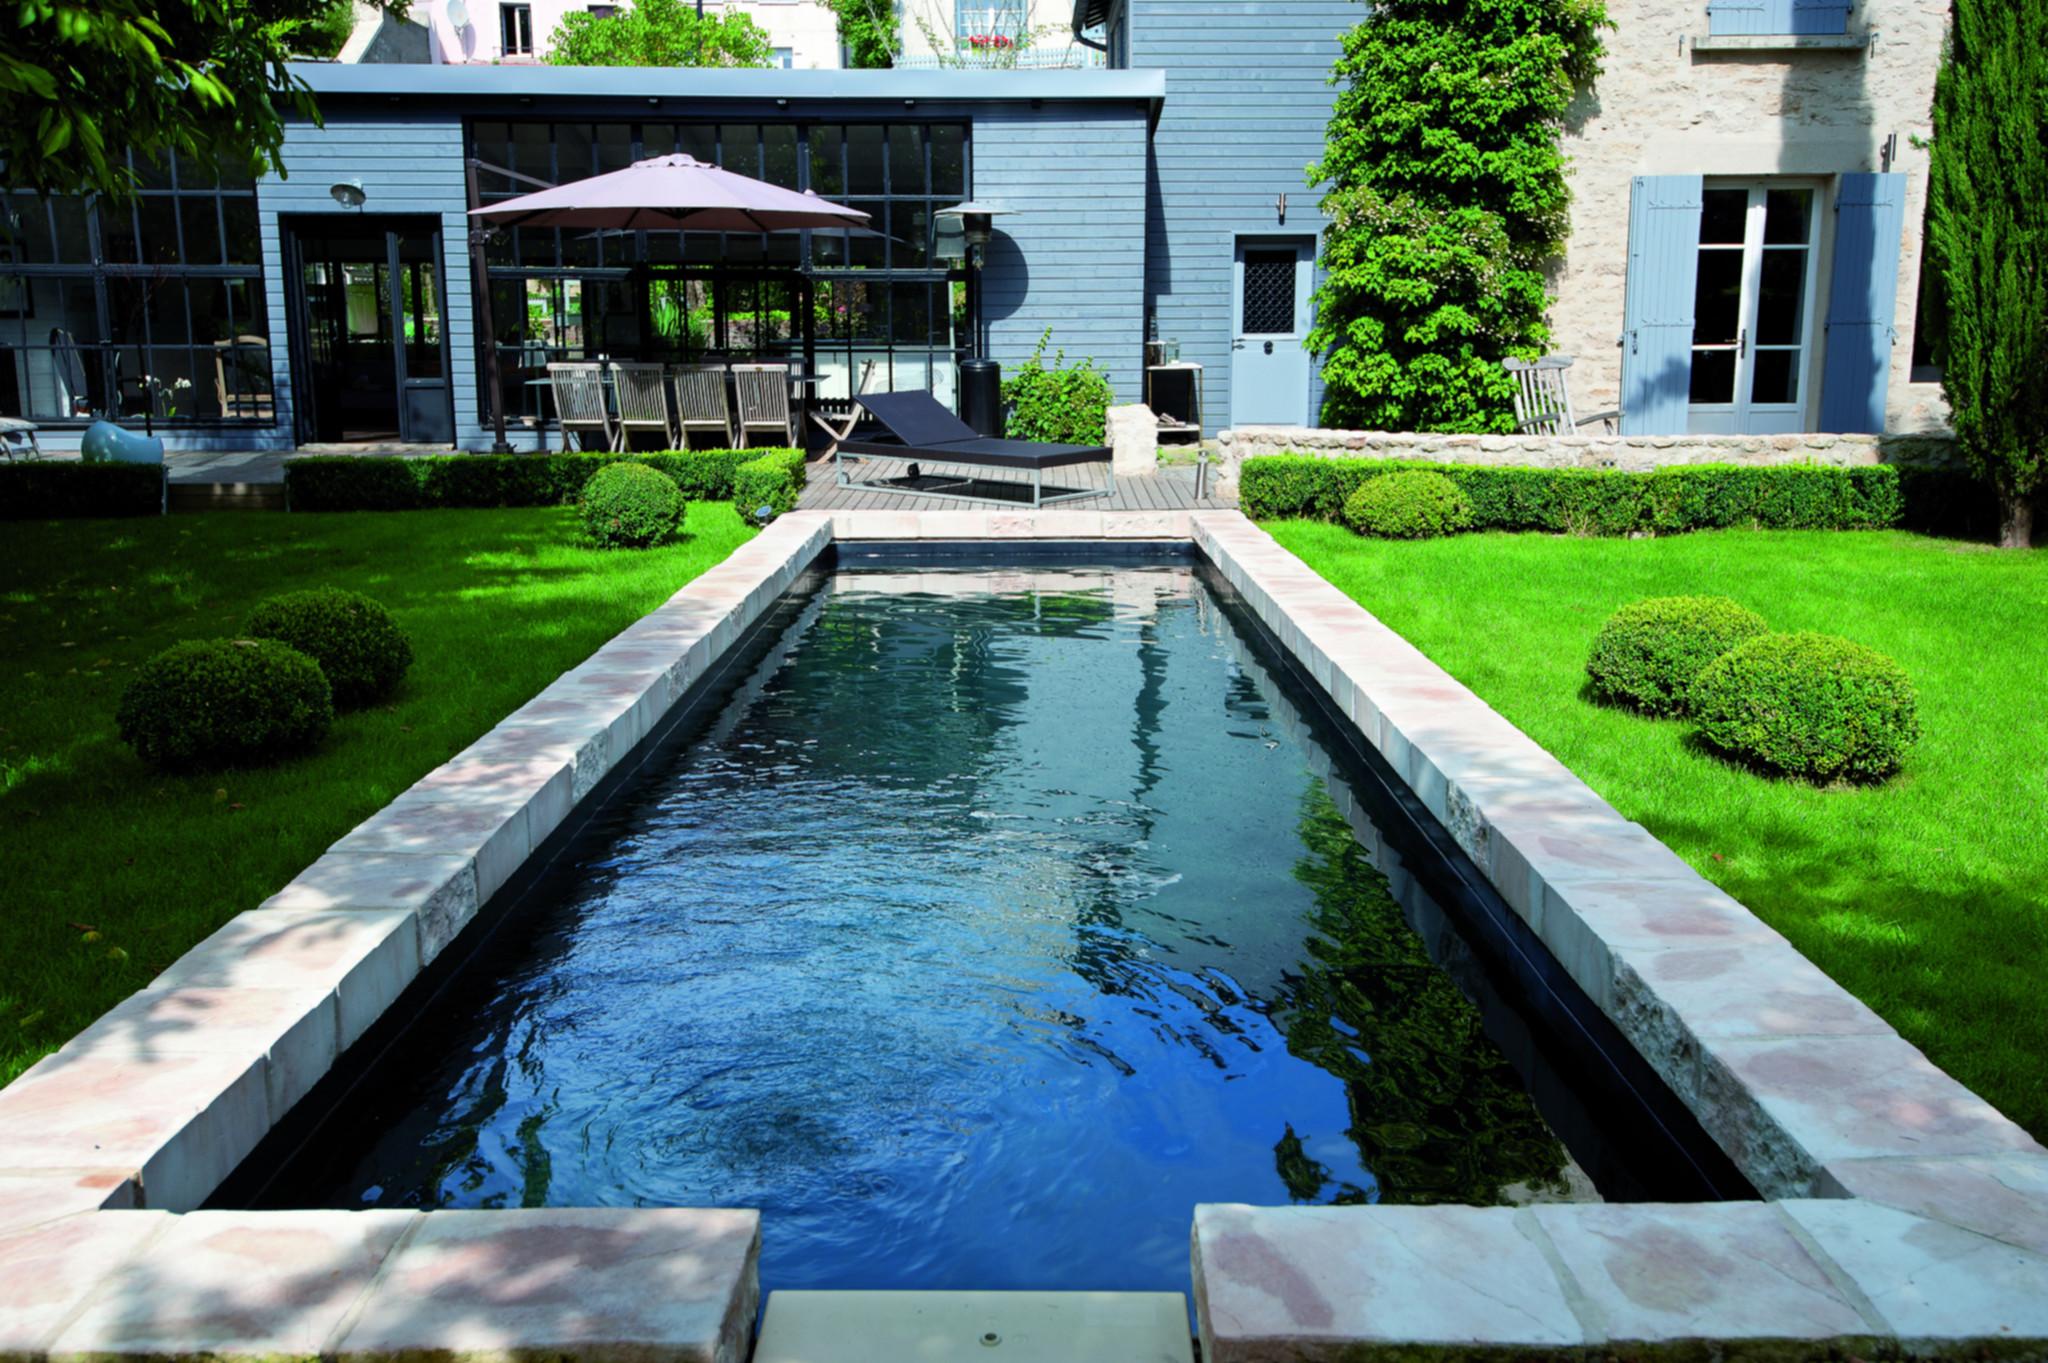 Tenemos las piscinas m s espectaculares for Piscinas espectaculares